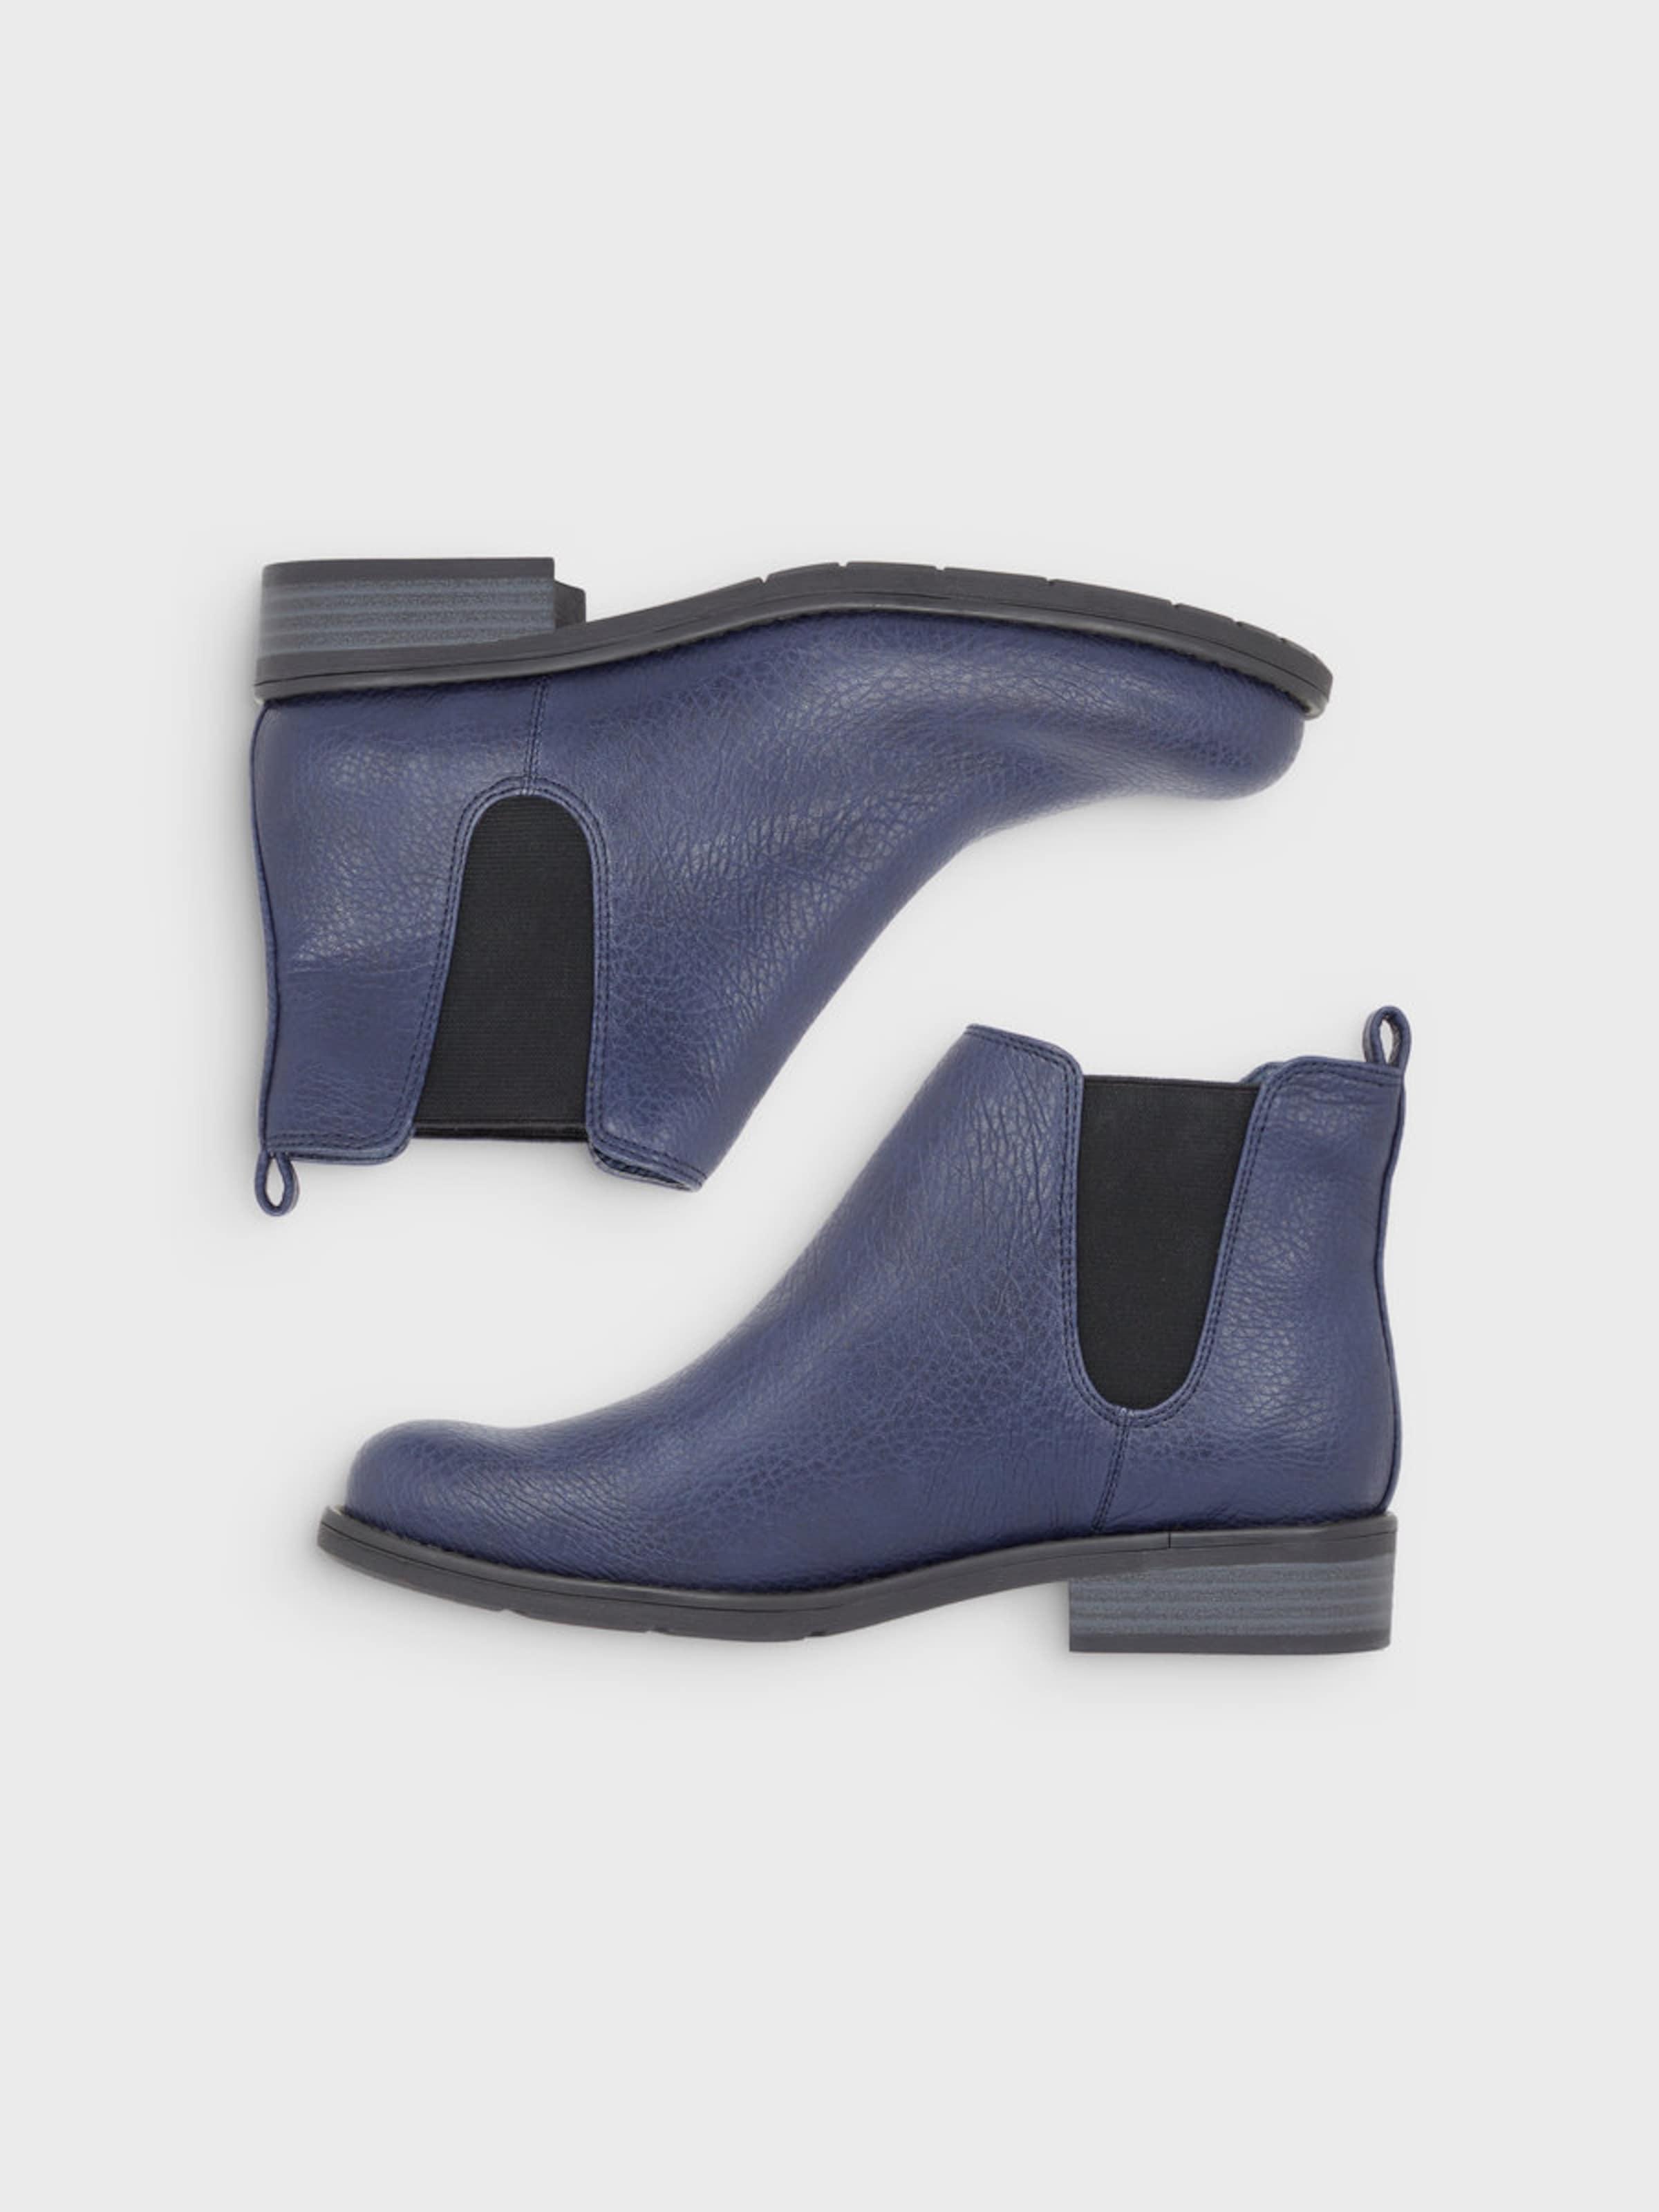 Bianco Stiefel 'Basic Fleece Chelsea' Outlet Mode-Stil Angebote Online oIKARISd